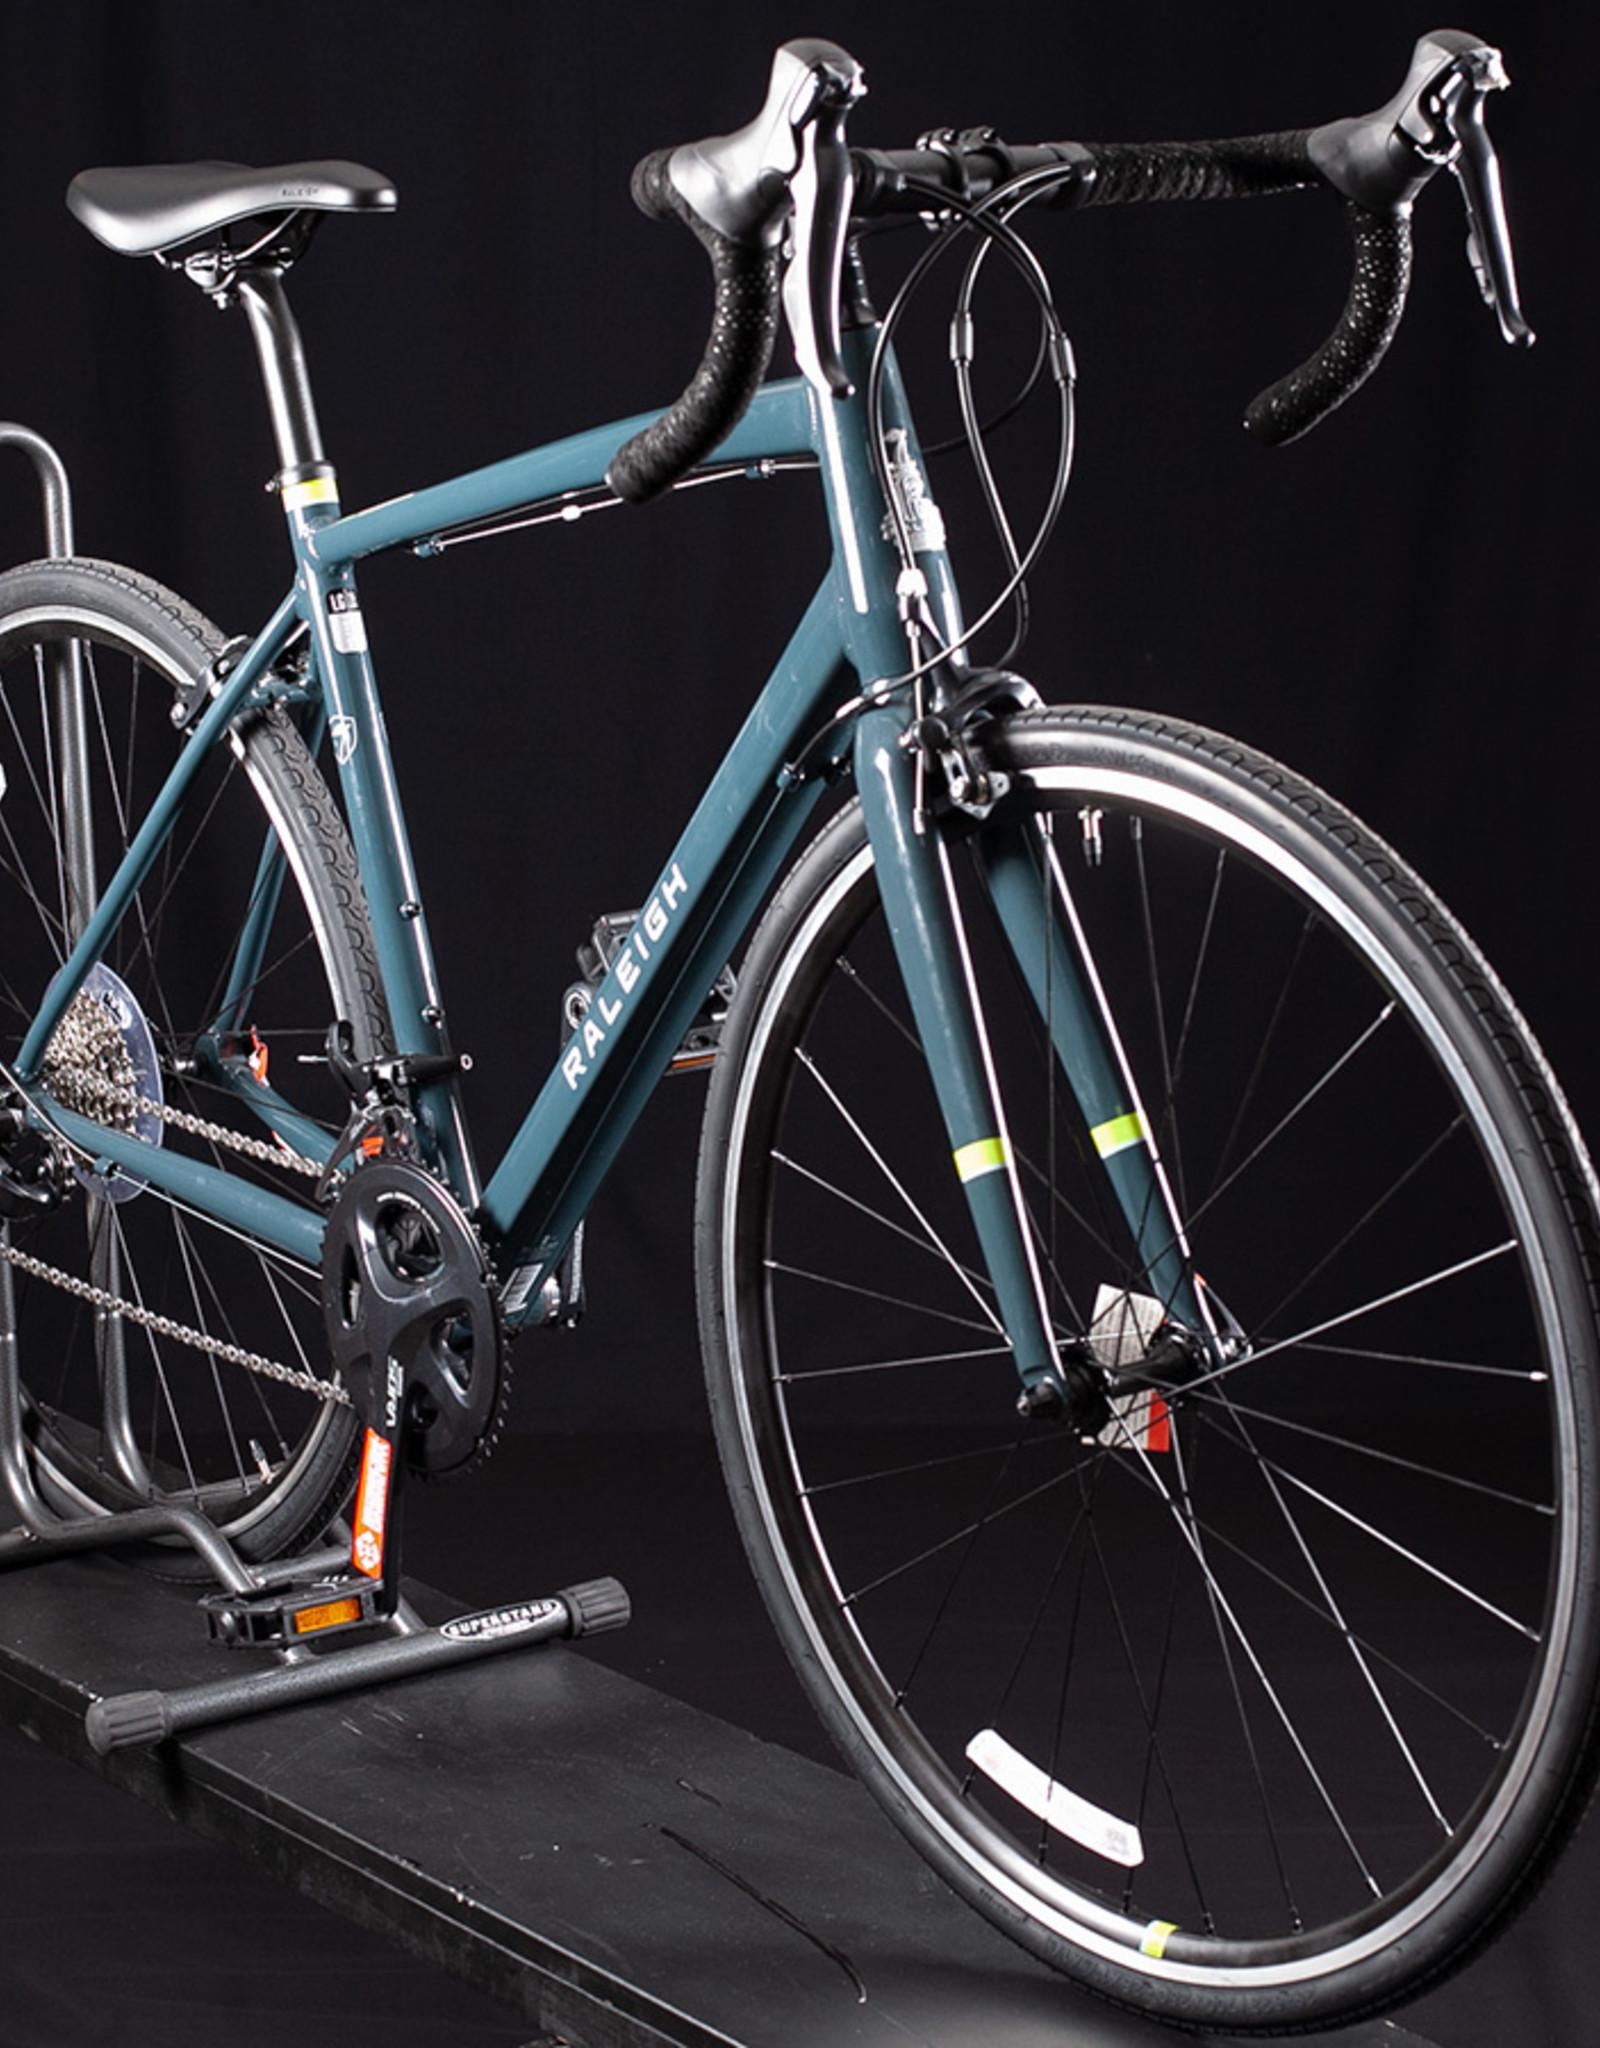 2020 Raleigh Merit 2 Road Bike w/ Rim brakes, Size 56cm (L), Smoke Grey